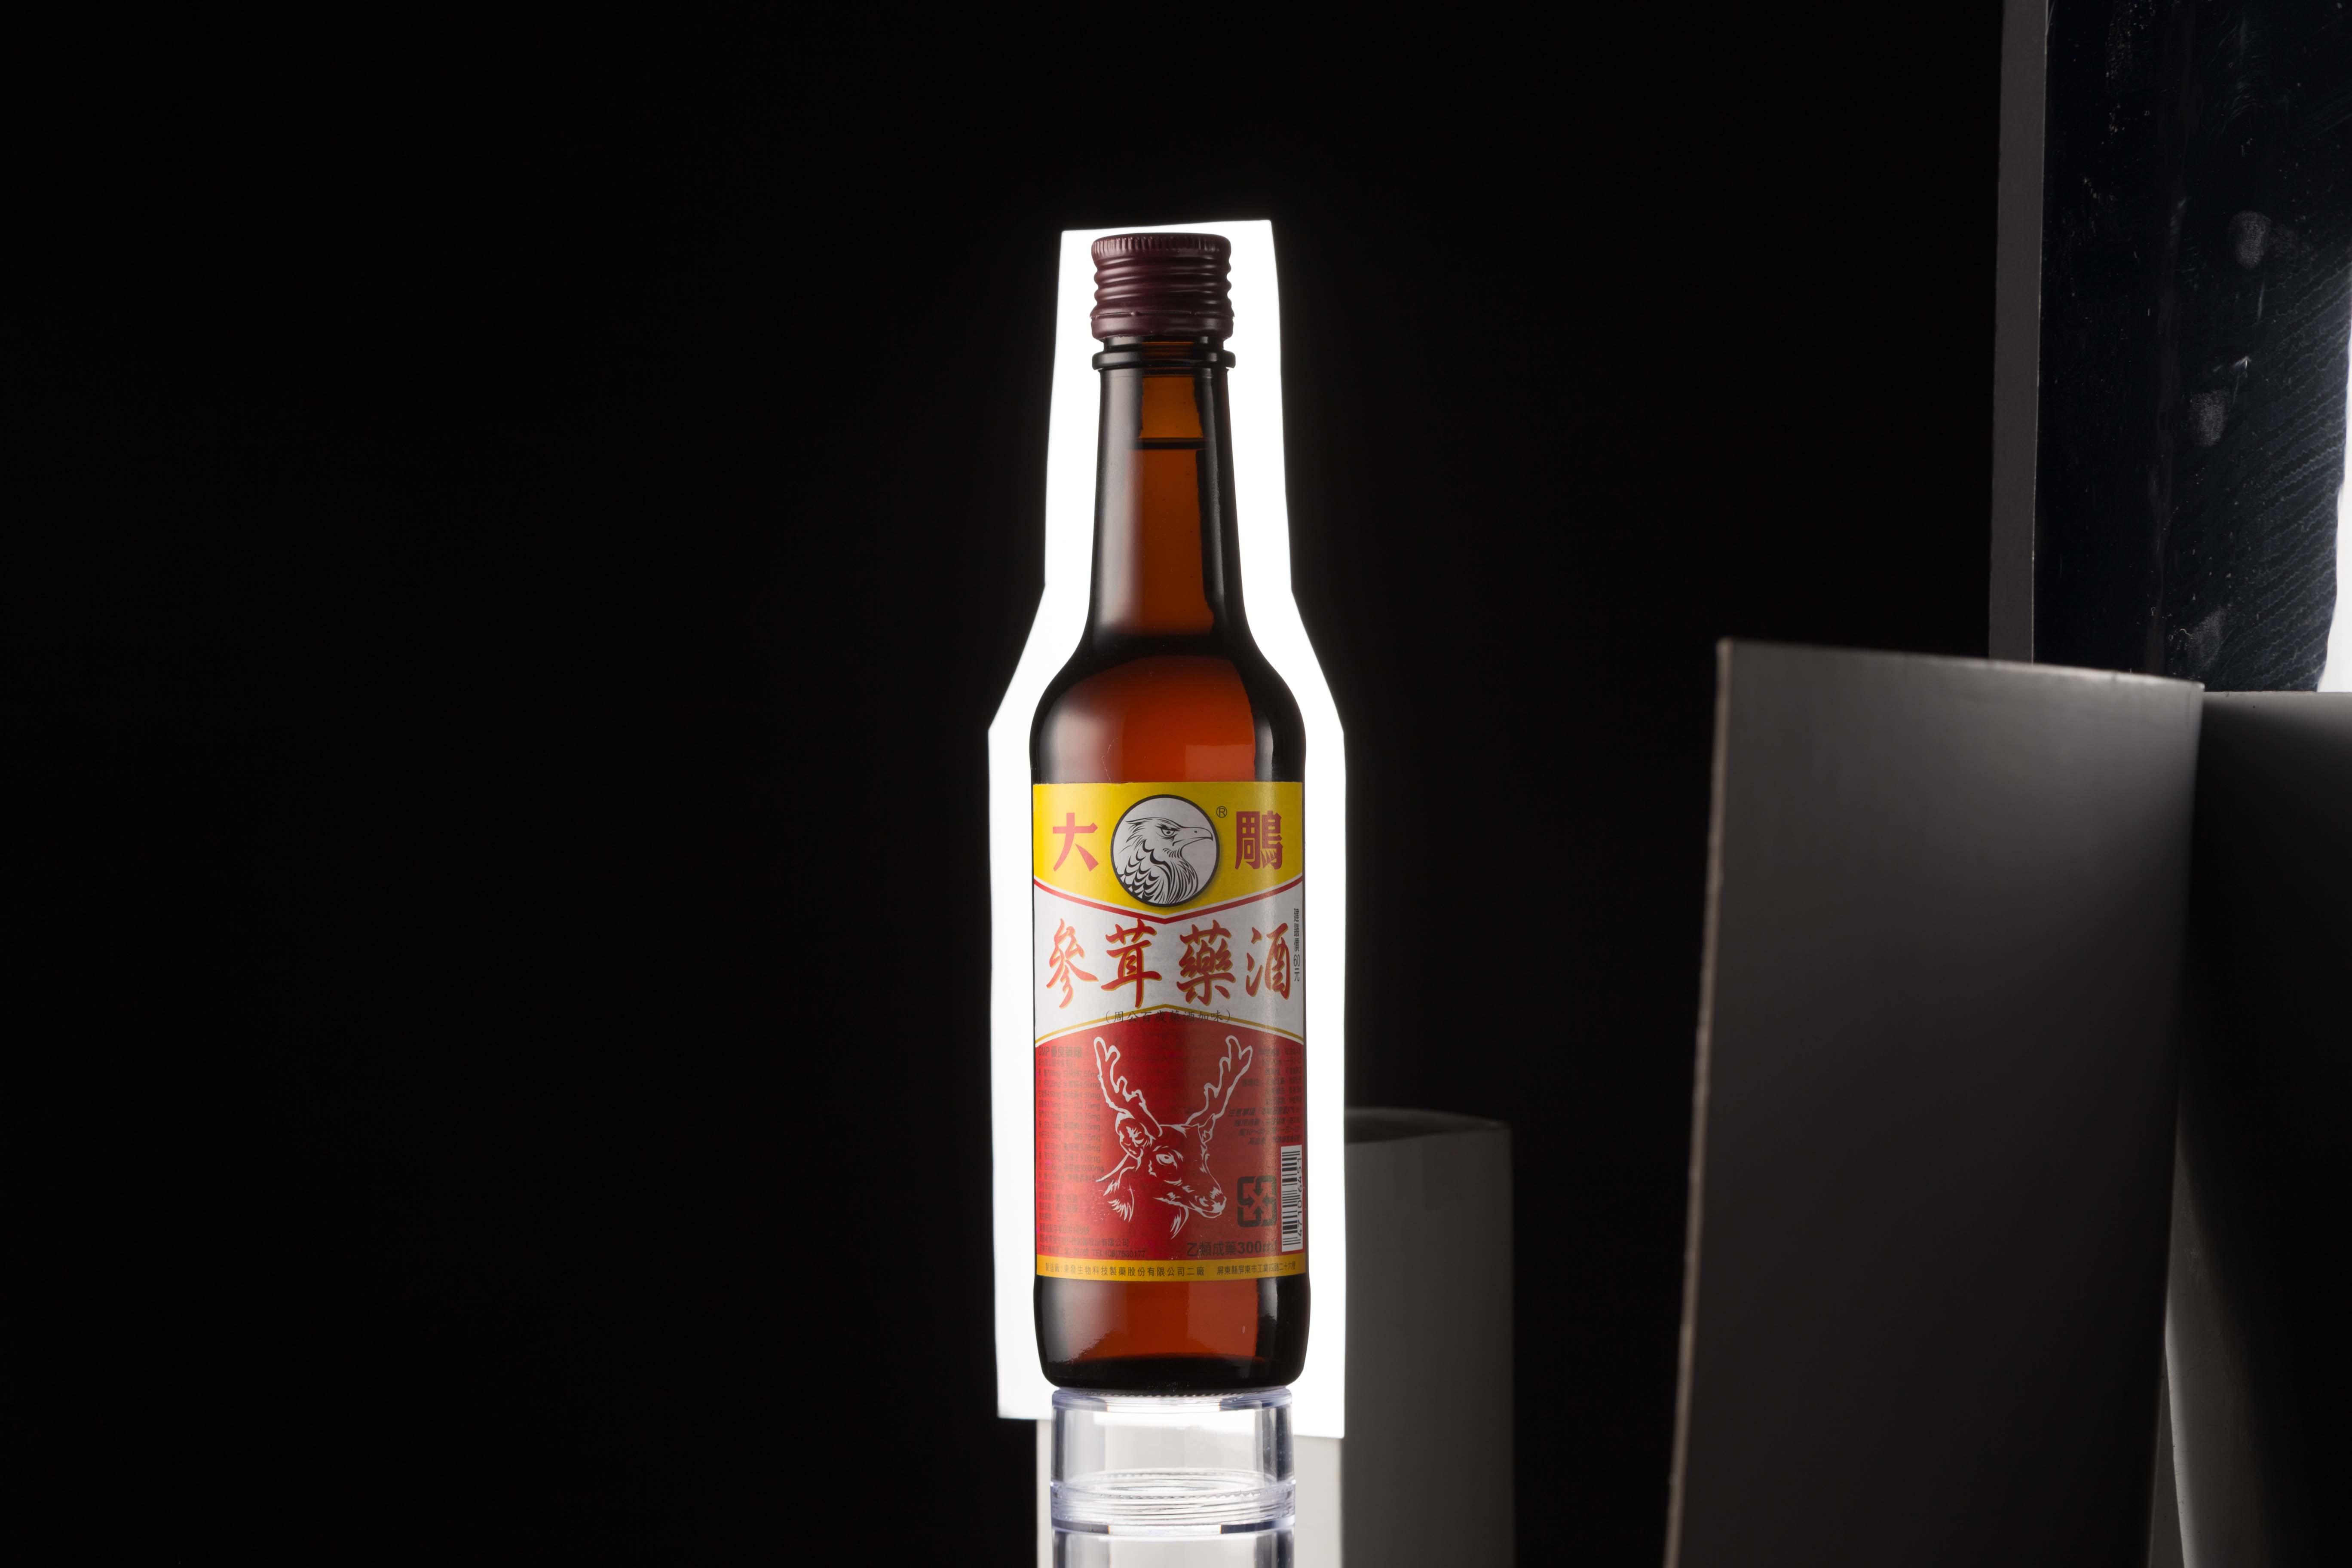 商业摄影布光教程 用一支灯拍酒瓶 商品去背照 / photoshop 商品去背